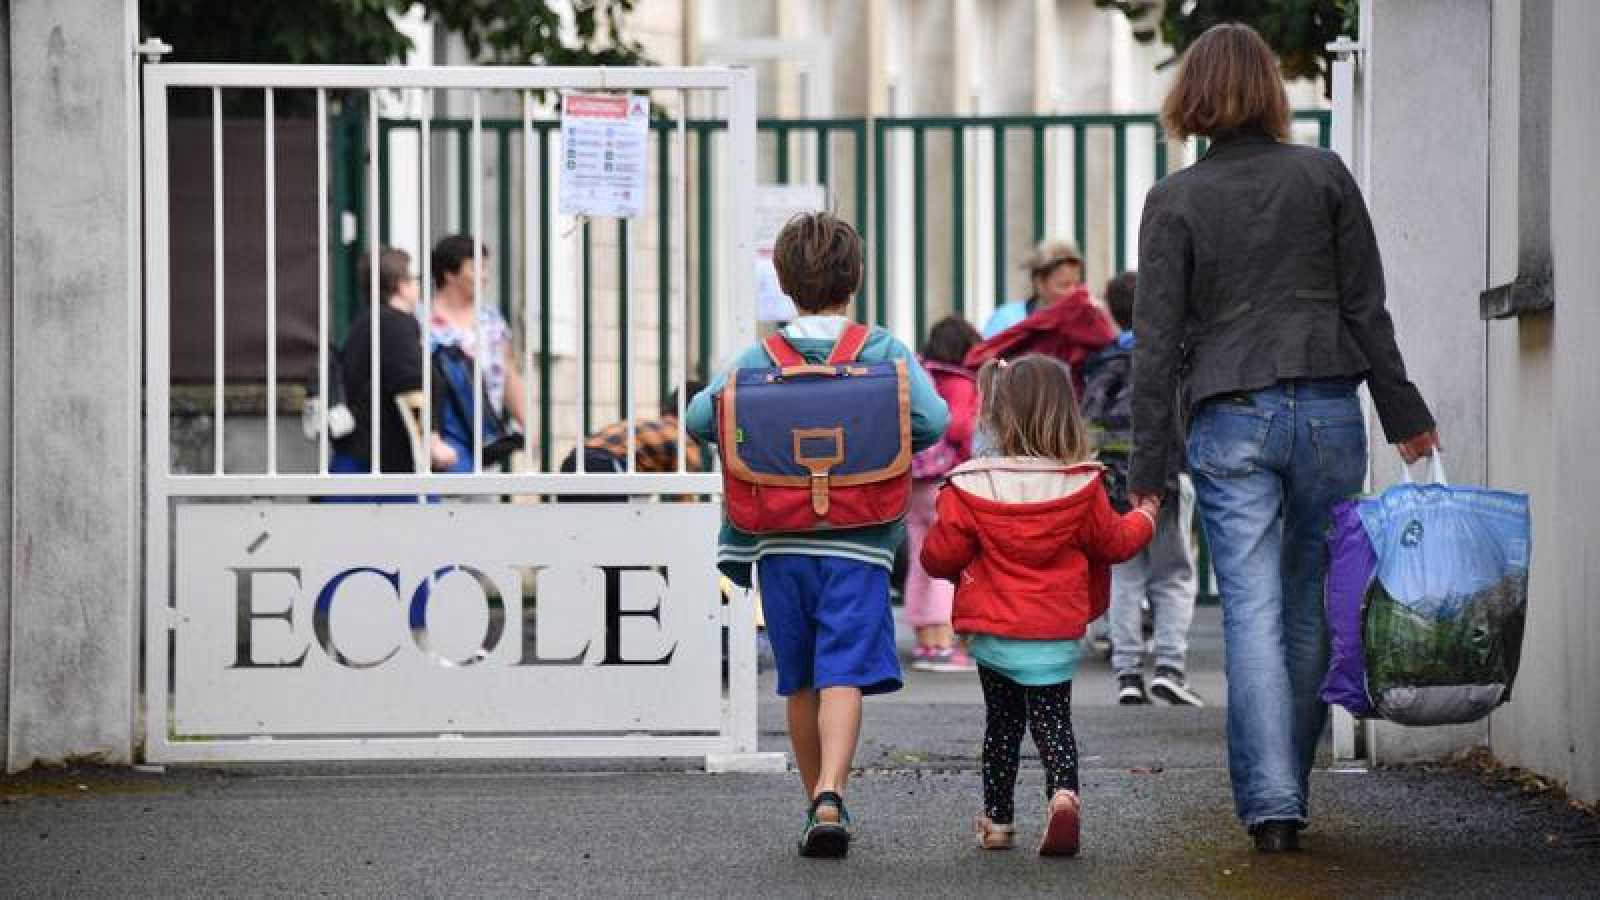 Una madre lleva a sus hijos al colegio (Archivo)